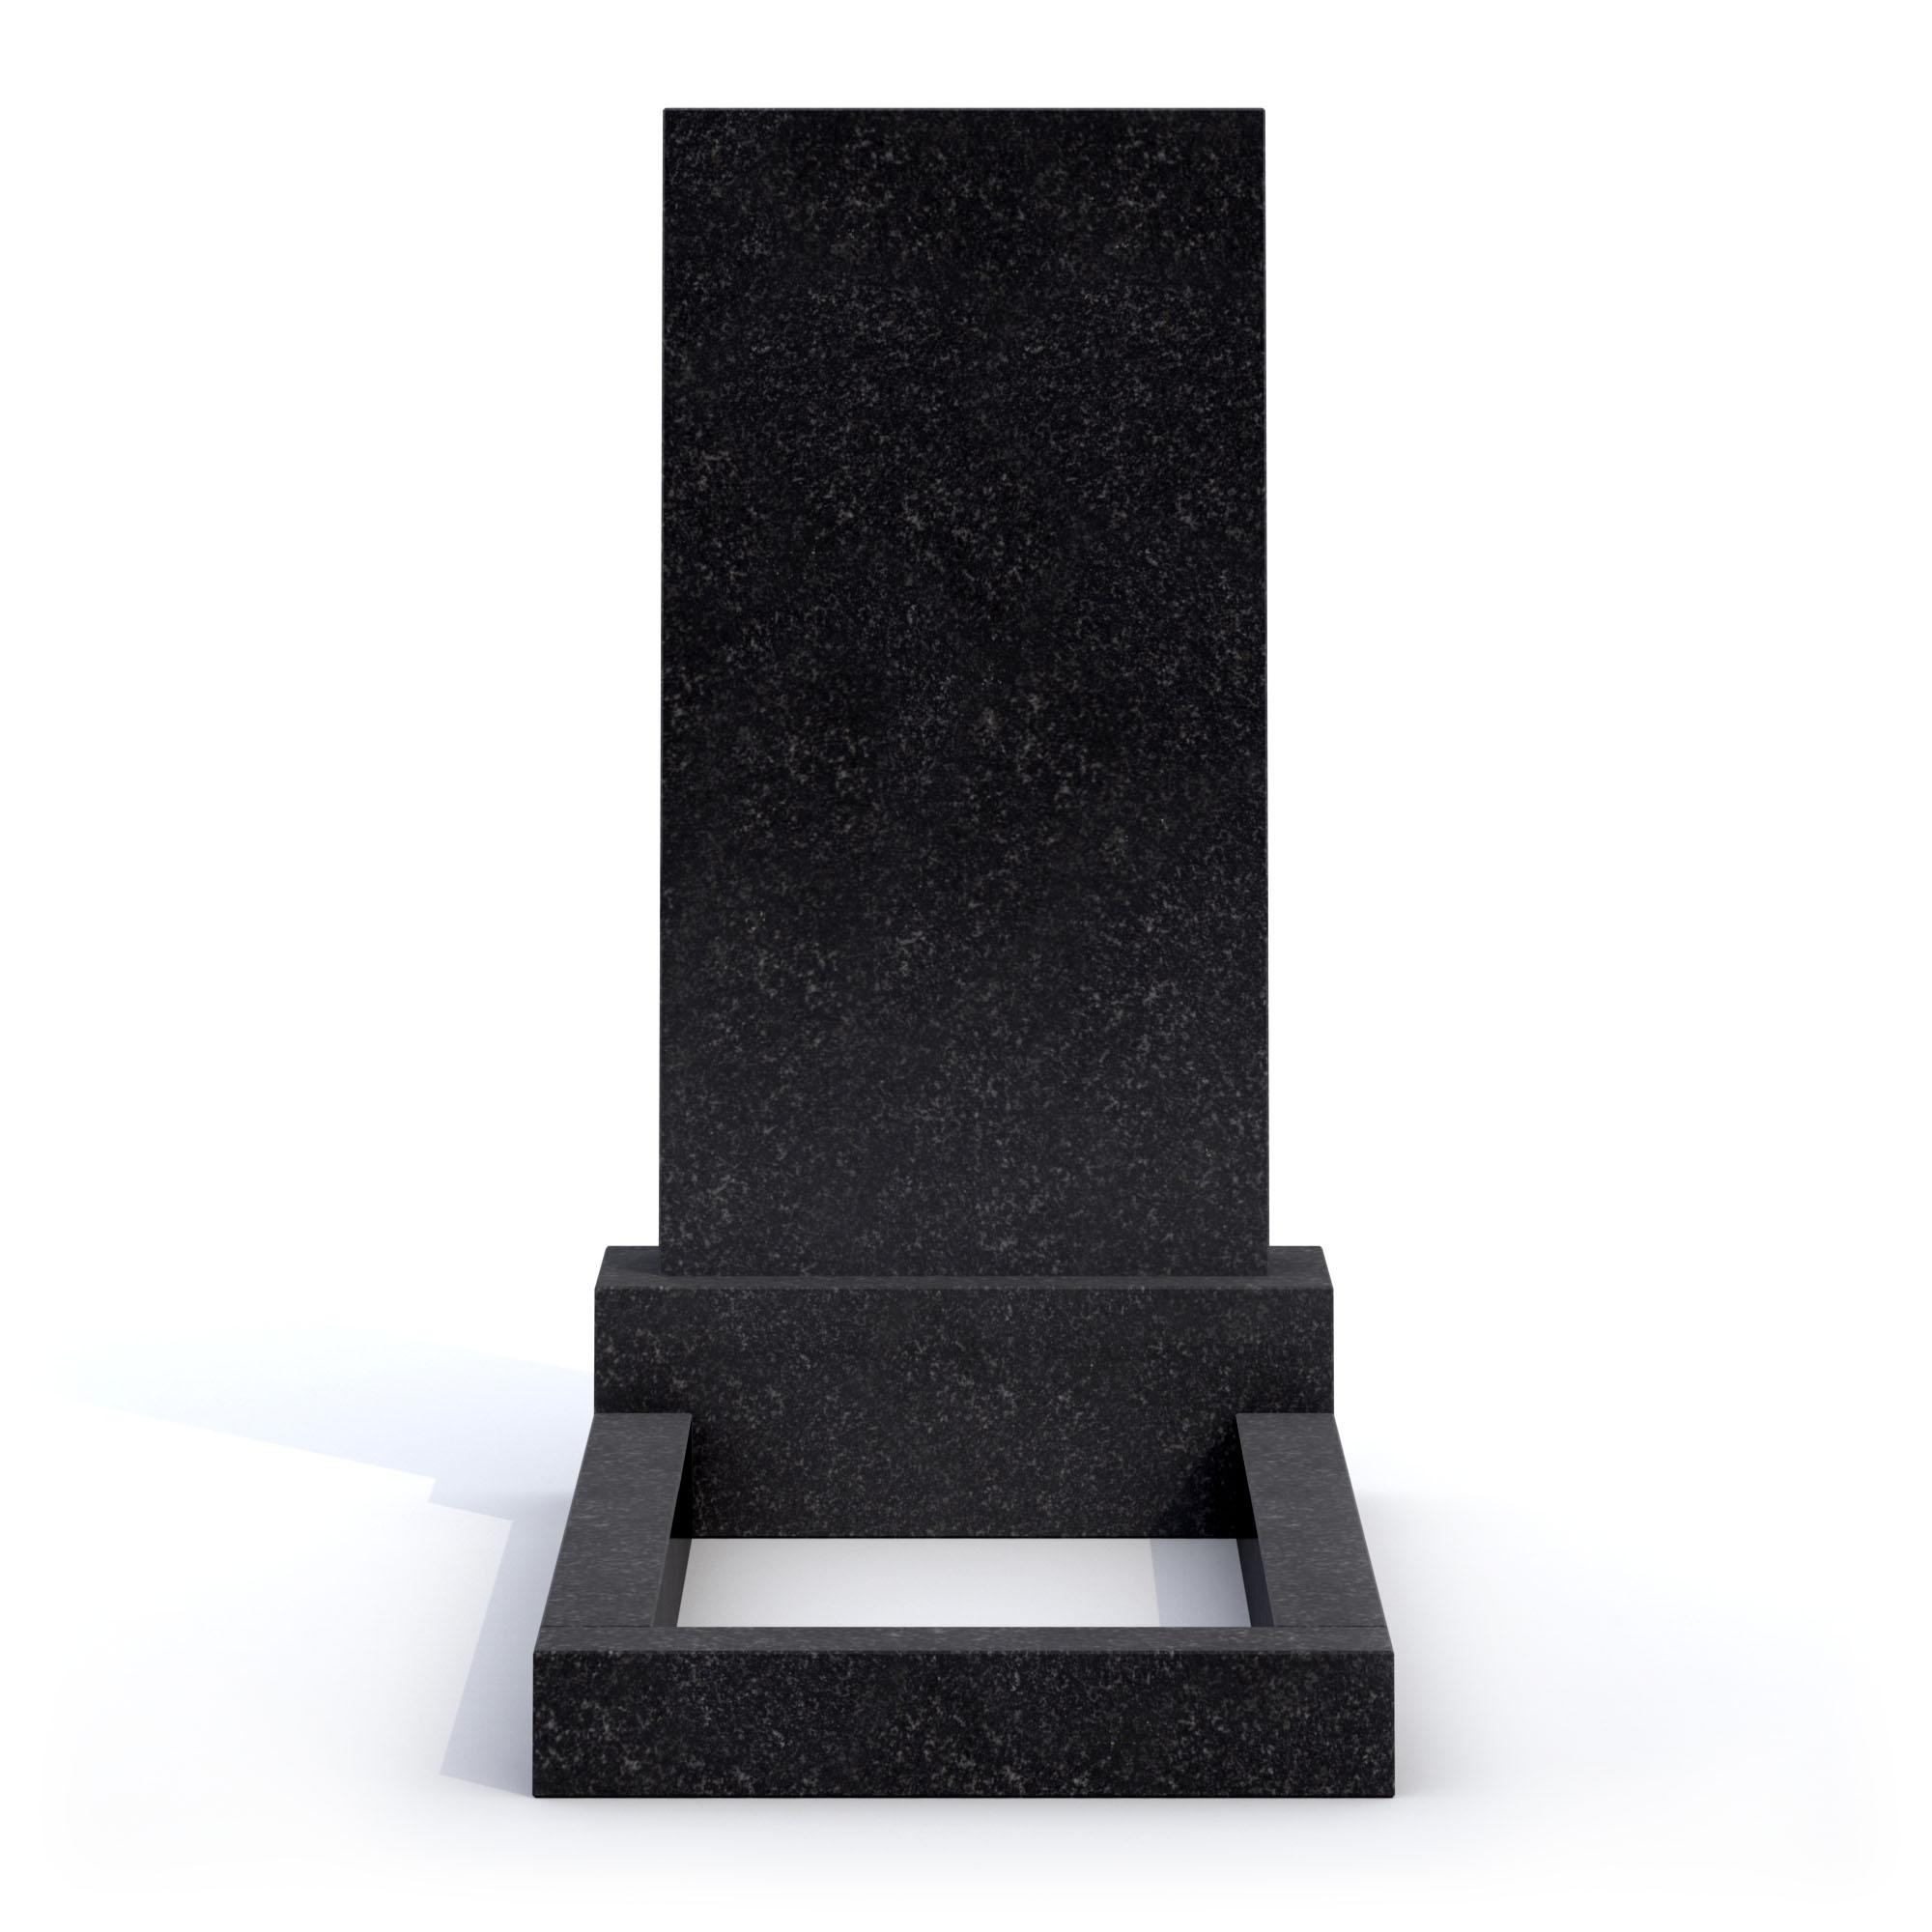 <p>В стоимость комплекта входят стела и подставка с 4-х сторонней полировкой и цветник с 2-х сторонней полировкой (сечение 8х10 см).</p>